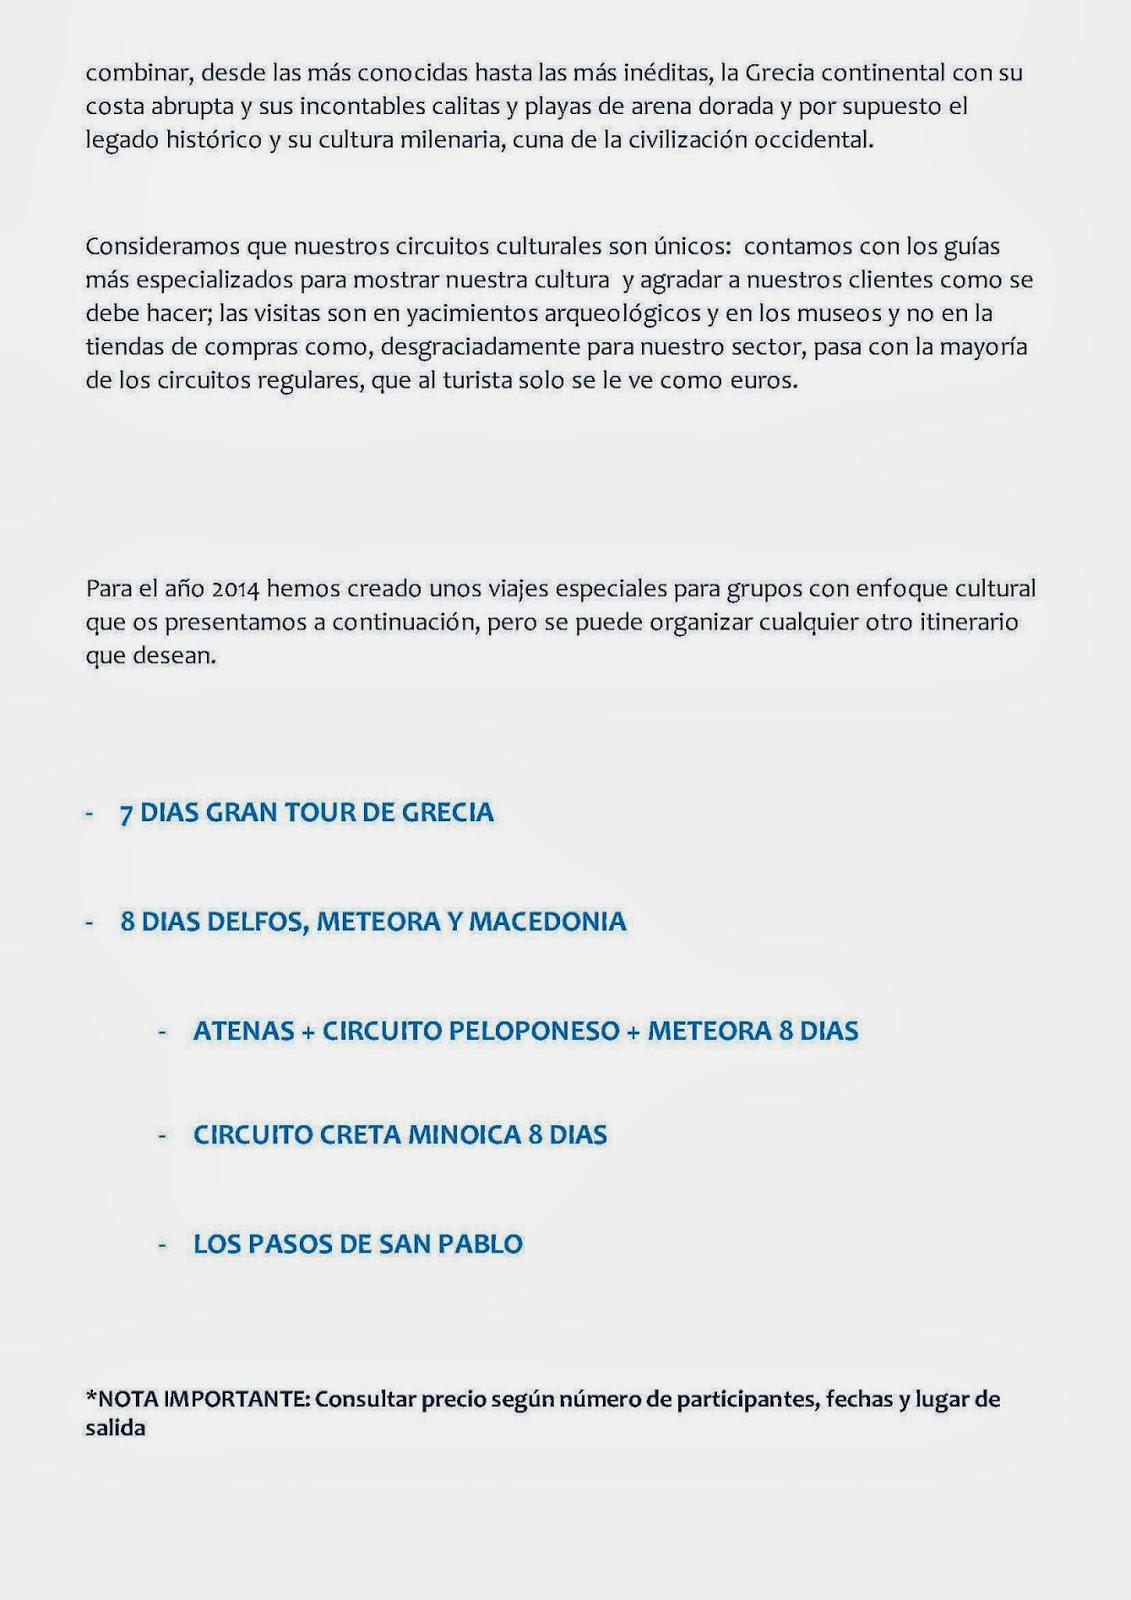 Circuito Grecia : Delegación extremeña de la sociedad española de estudios clásicos